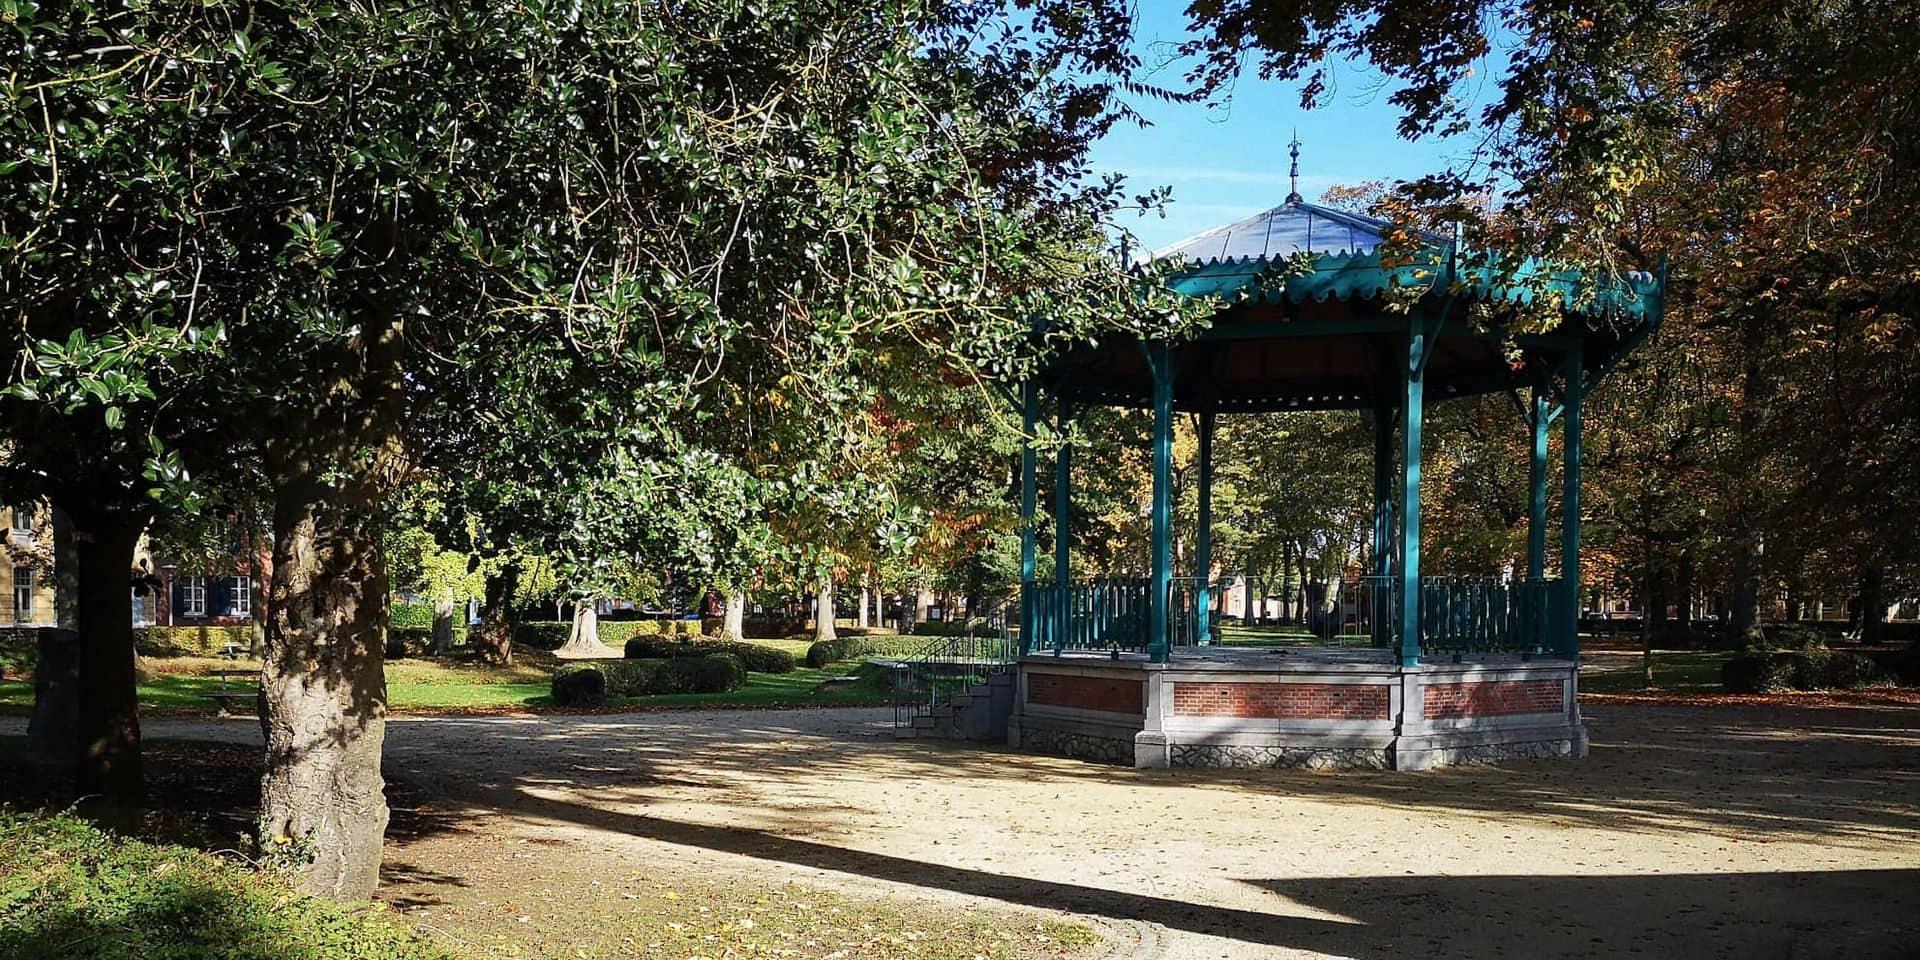 Ath: Un sentiment d'insécurité dans le parc communal